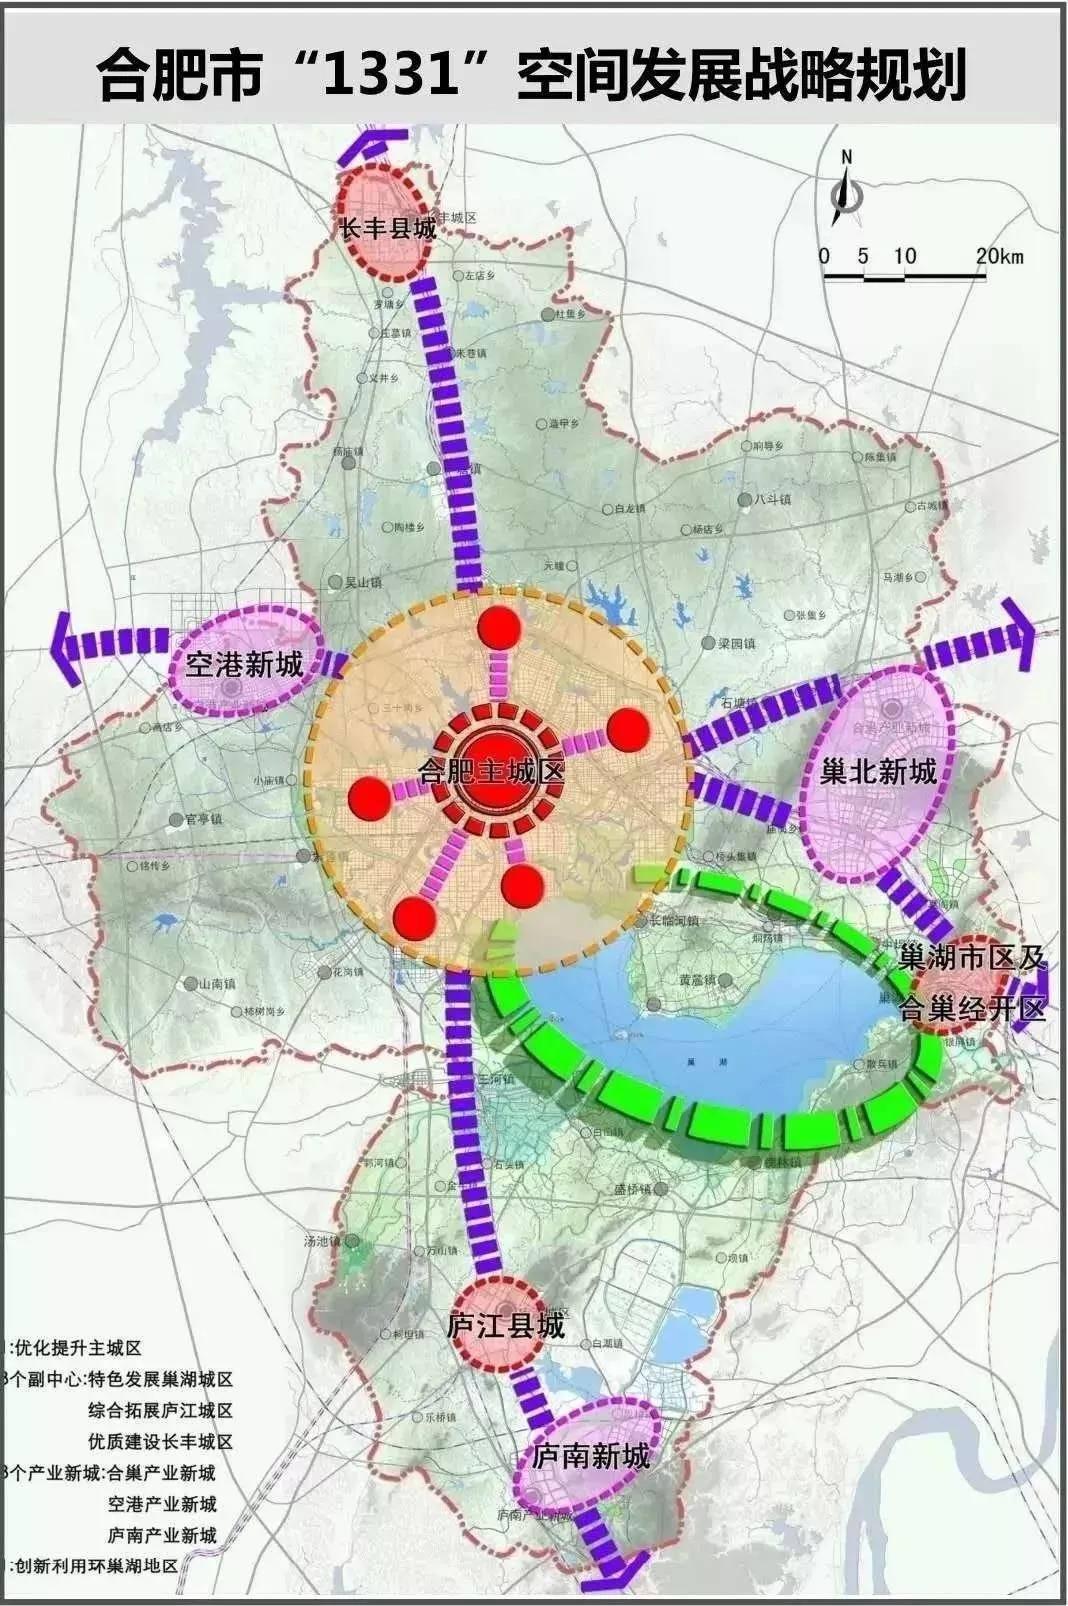 官宣!肥东有序推进县改区!合肥城市扩容,滨湖向南、省府向东迎重磅发展机遇